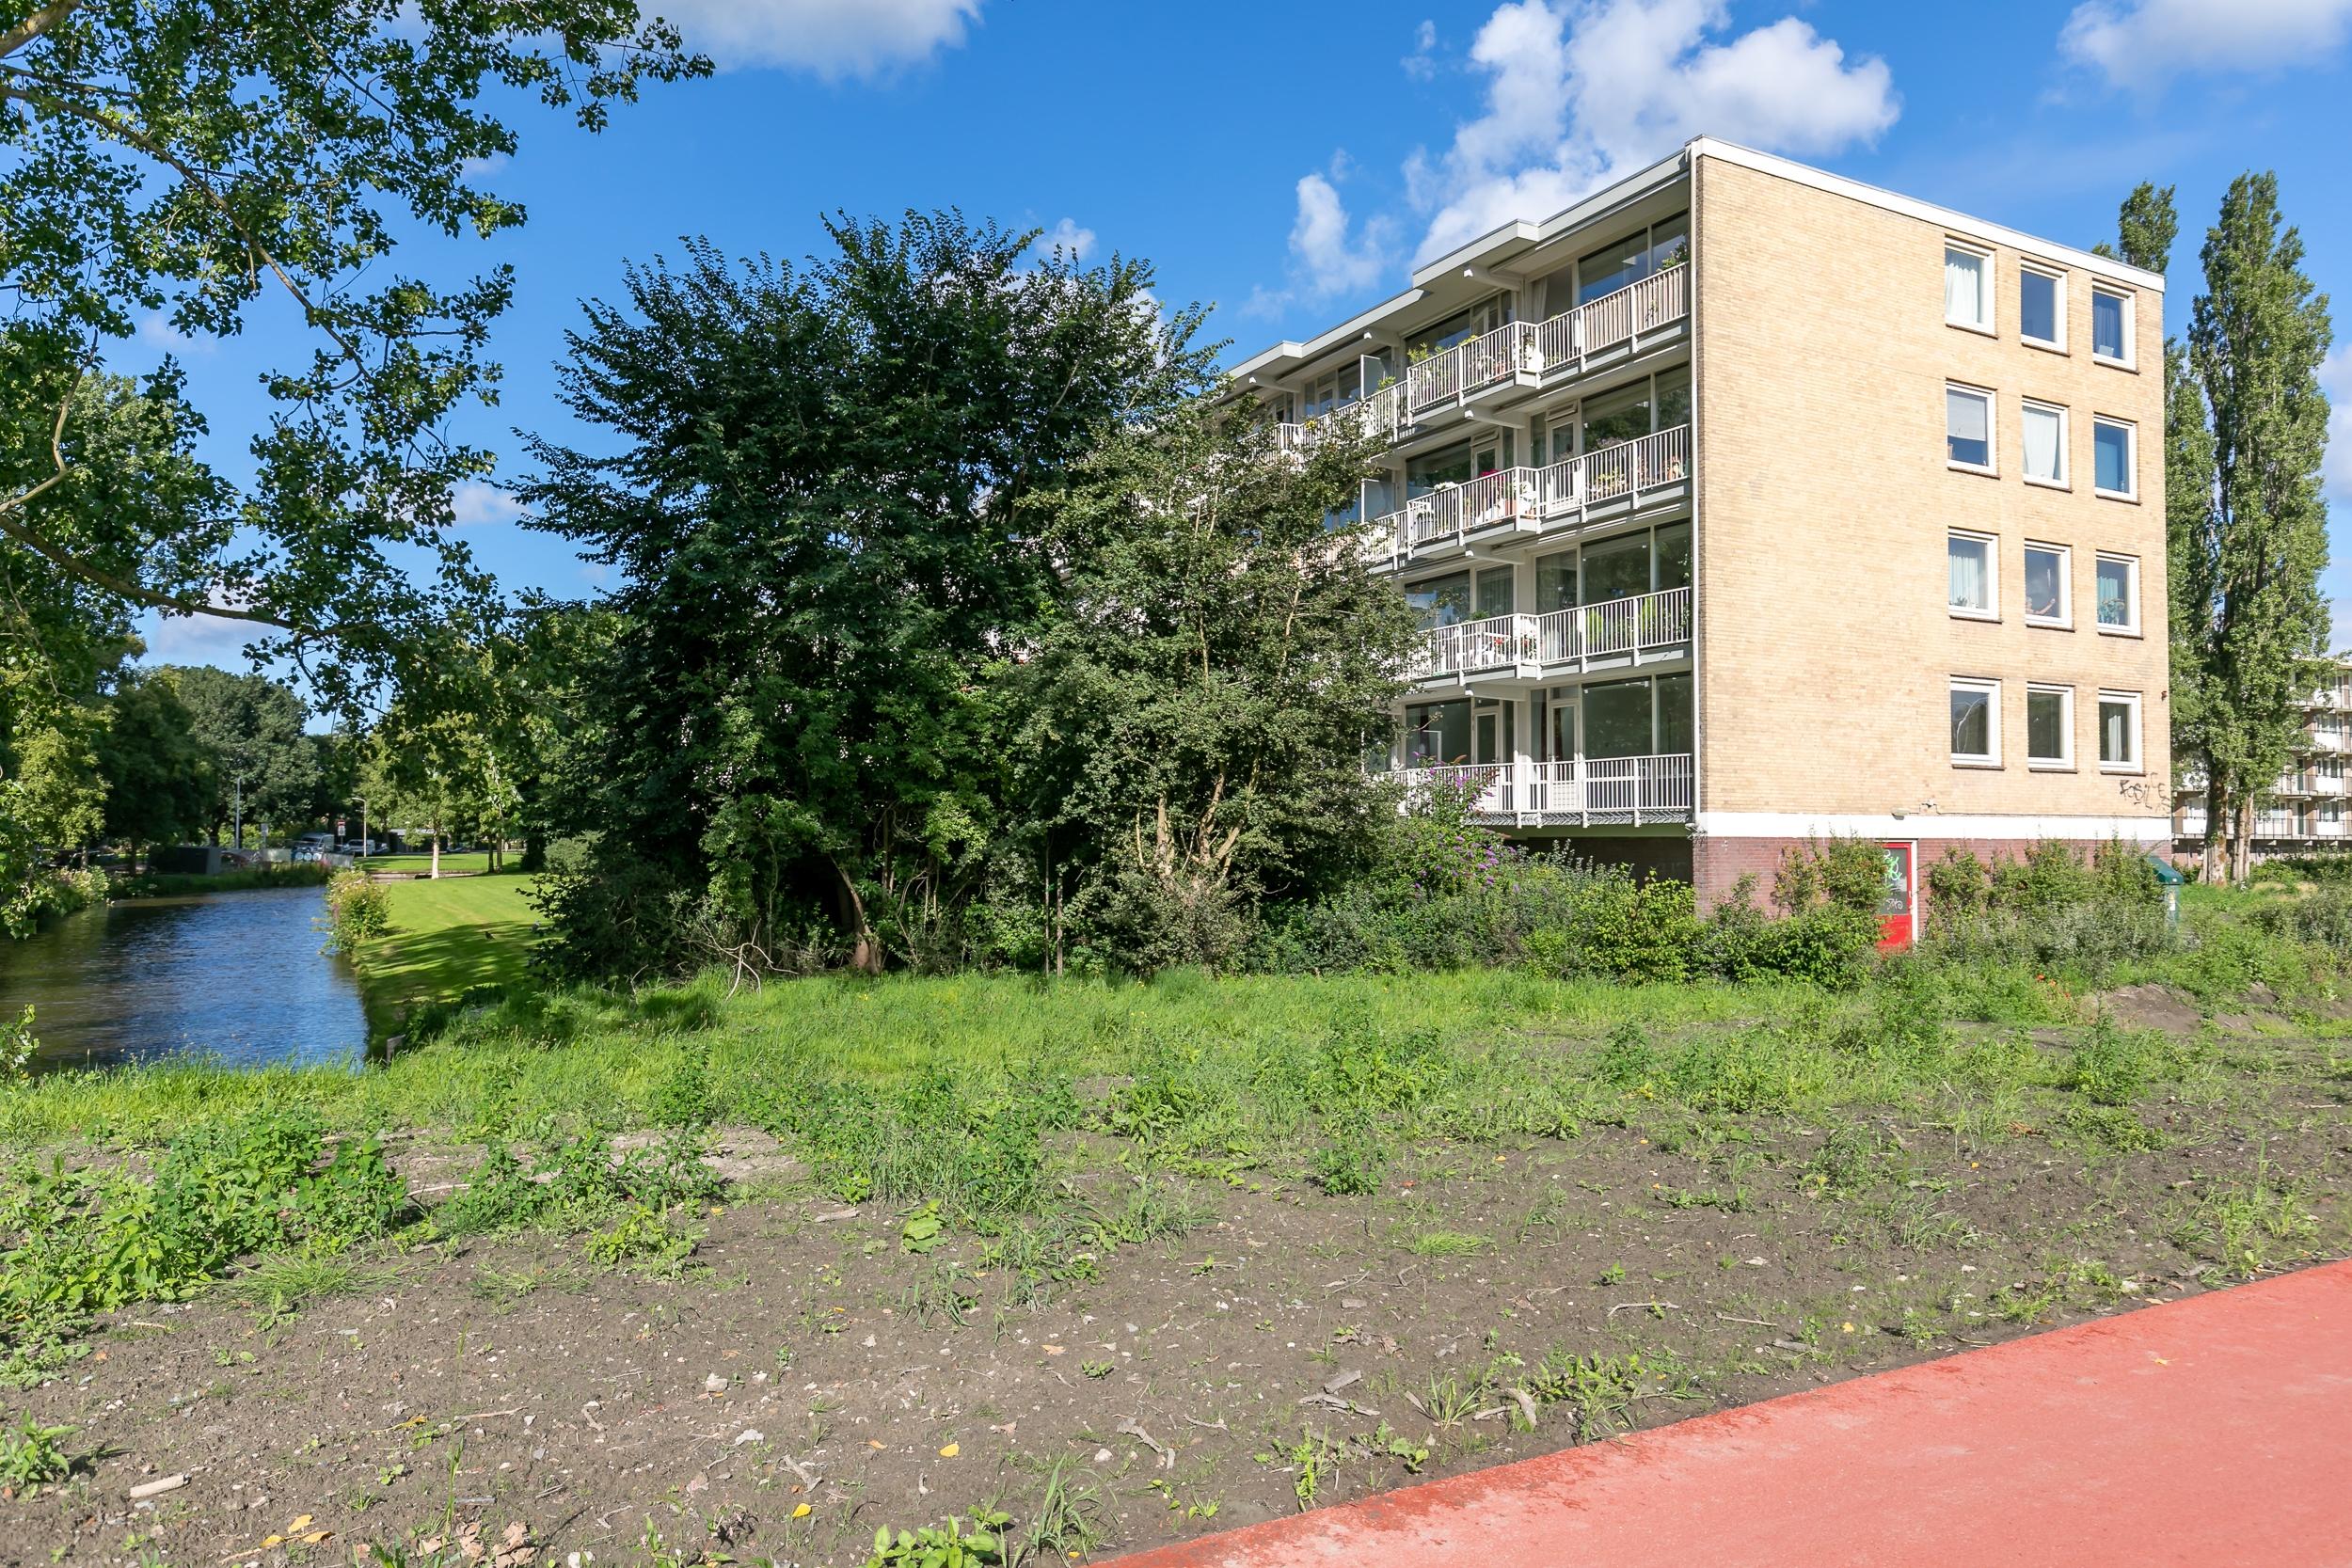 Biesbosch 19